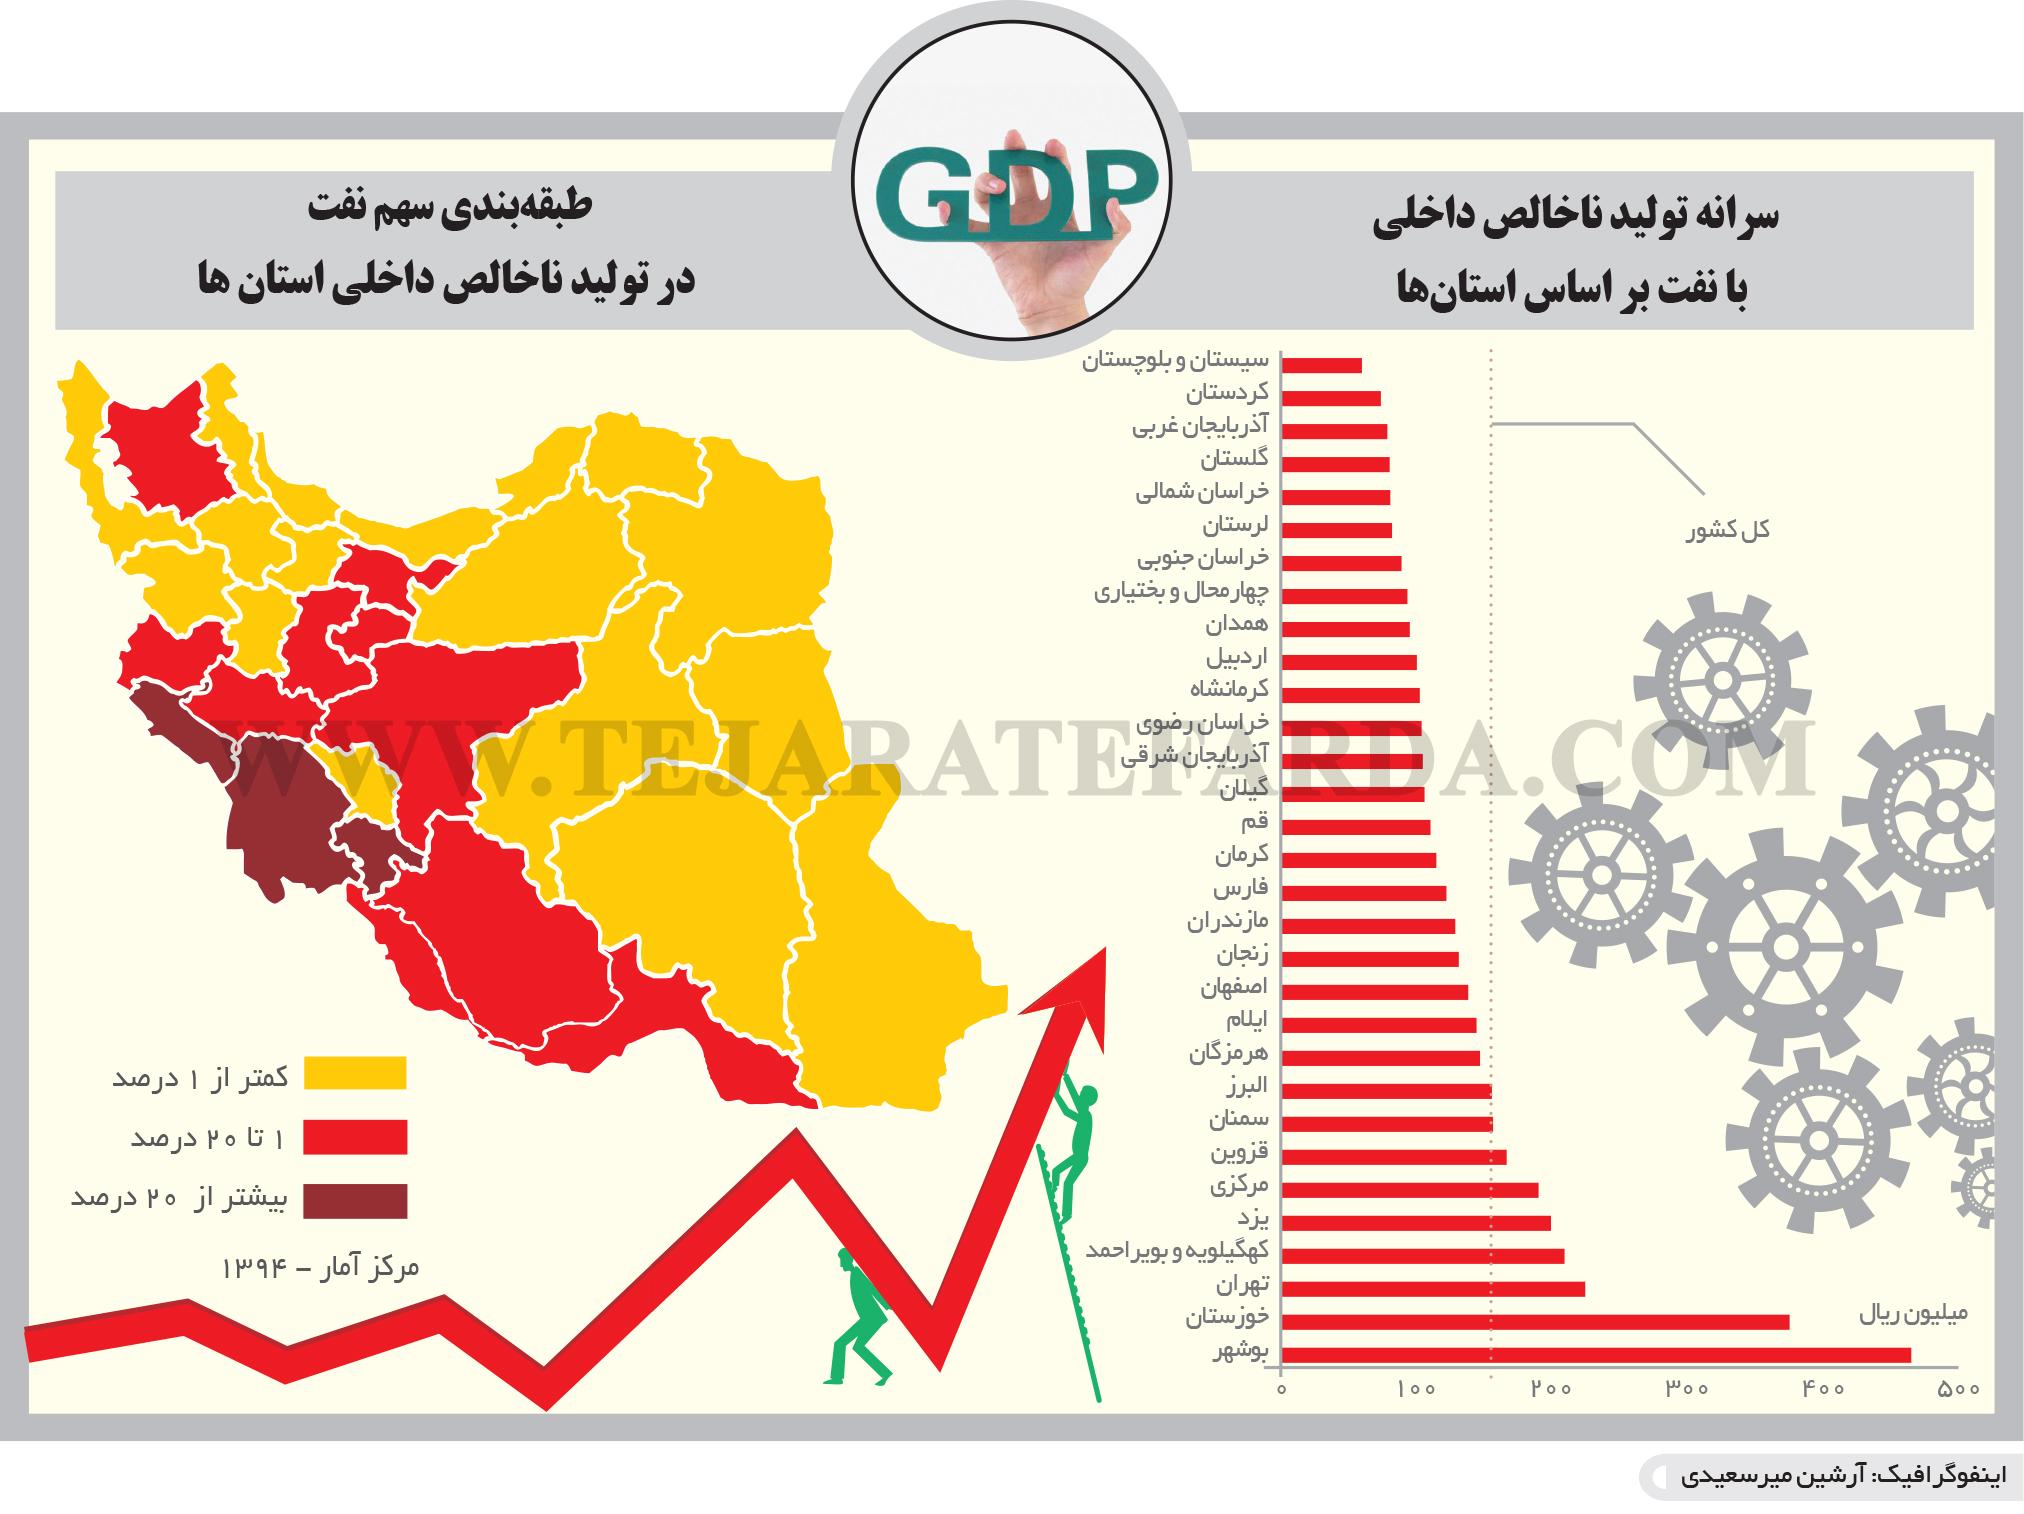 تجارت فردا- اینفوگرافیک- طبقهبندی سهم نفت  در تولید ناخالص داخلی استان ها